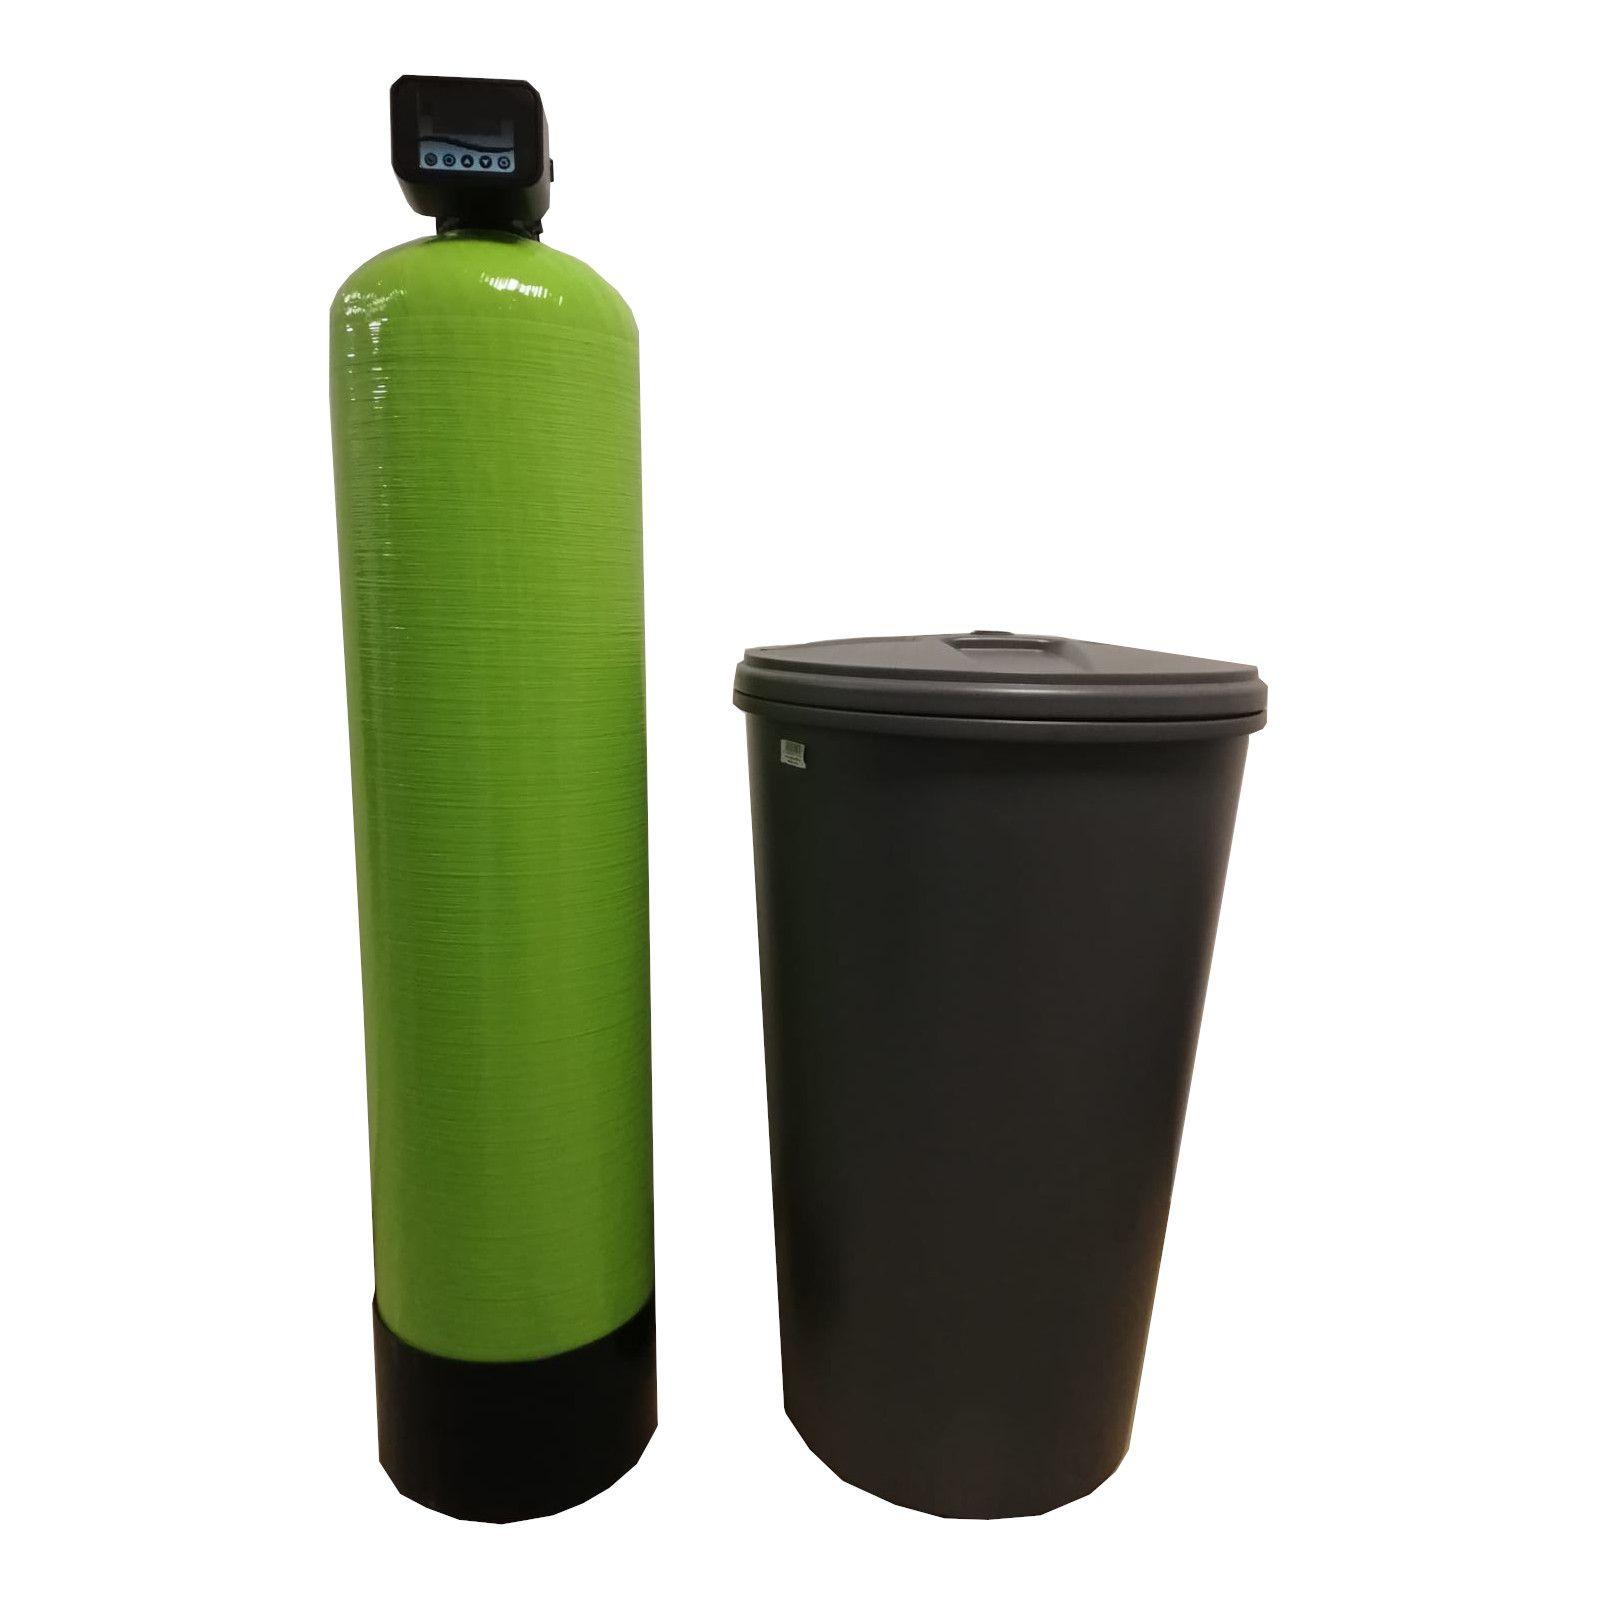 Dedurizator Simplex Aqua 75-S10C, Debit 4.5 mc/h, Capacitate filtrare 350.000 litri, Cartus din Rasina Cationica - AquaFilters.ro